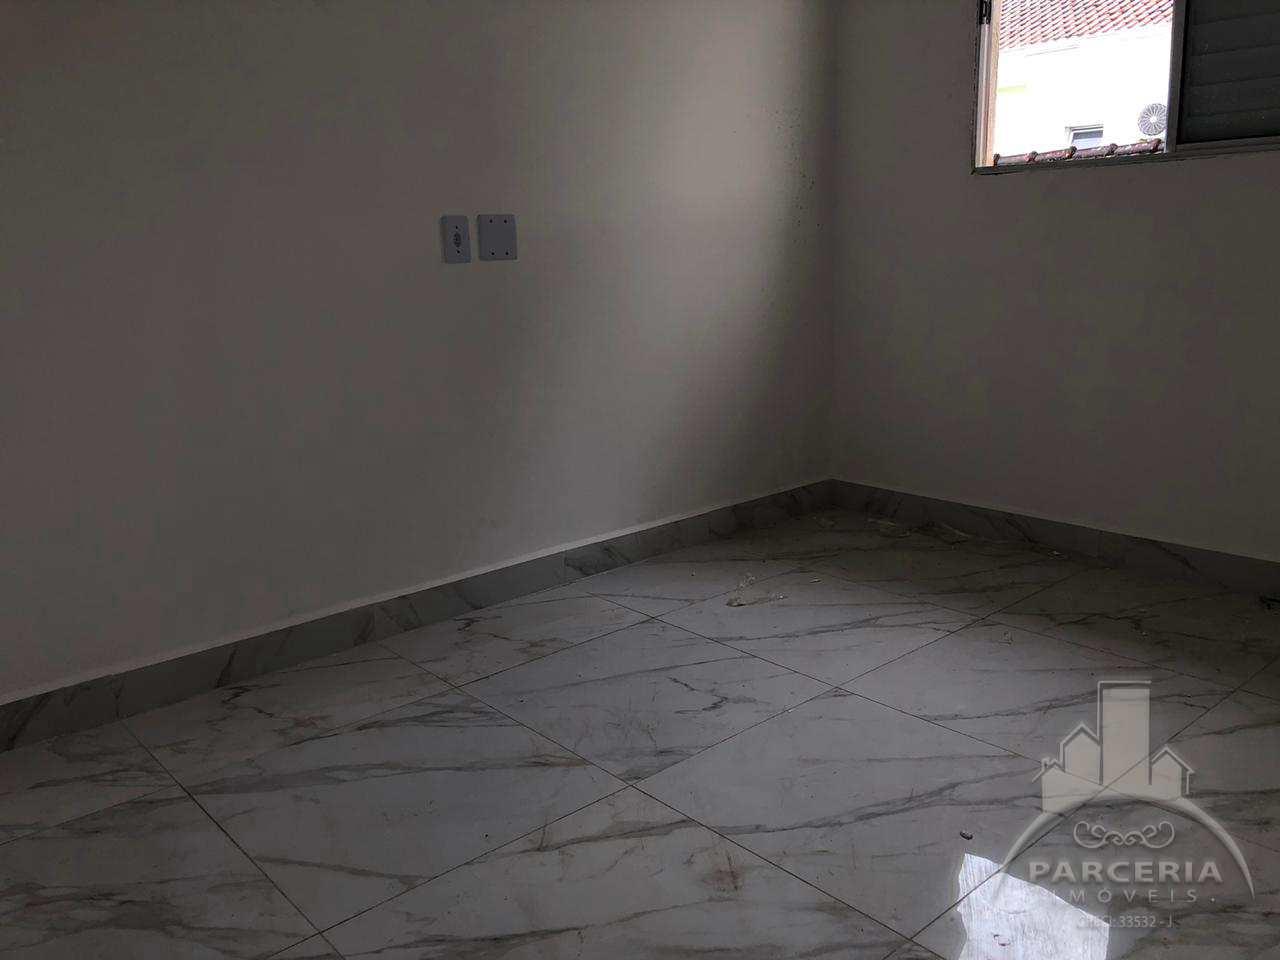 Sobrado com 2 dorms, Guilhermina, Praia Grande - R$ 265 mil, Cod: 1123